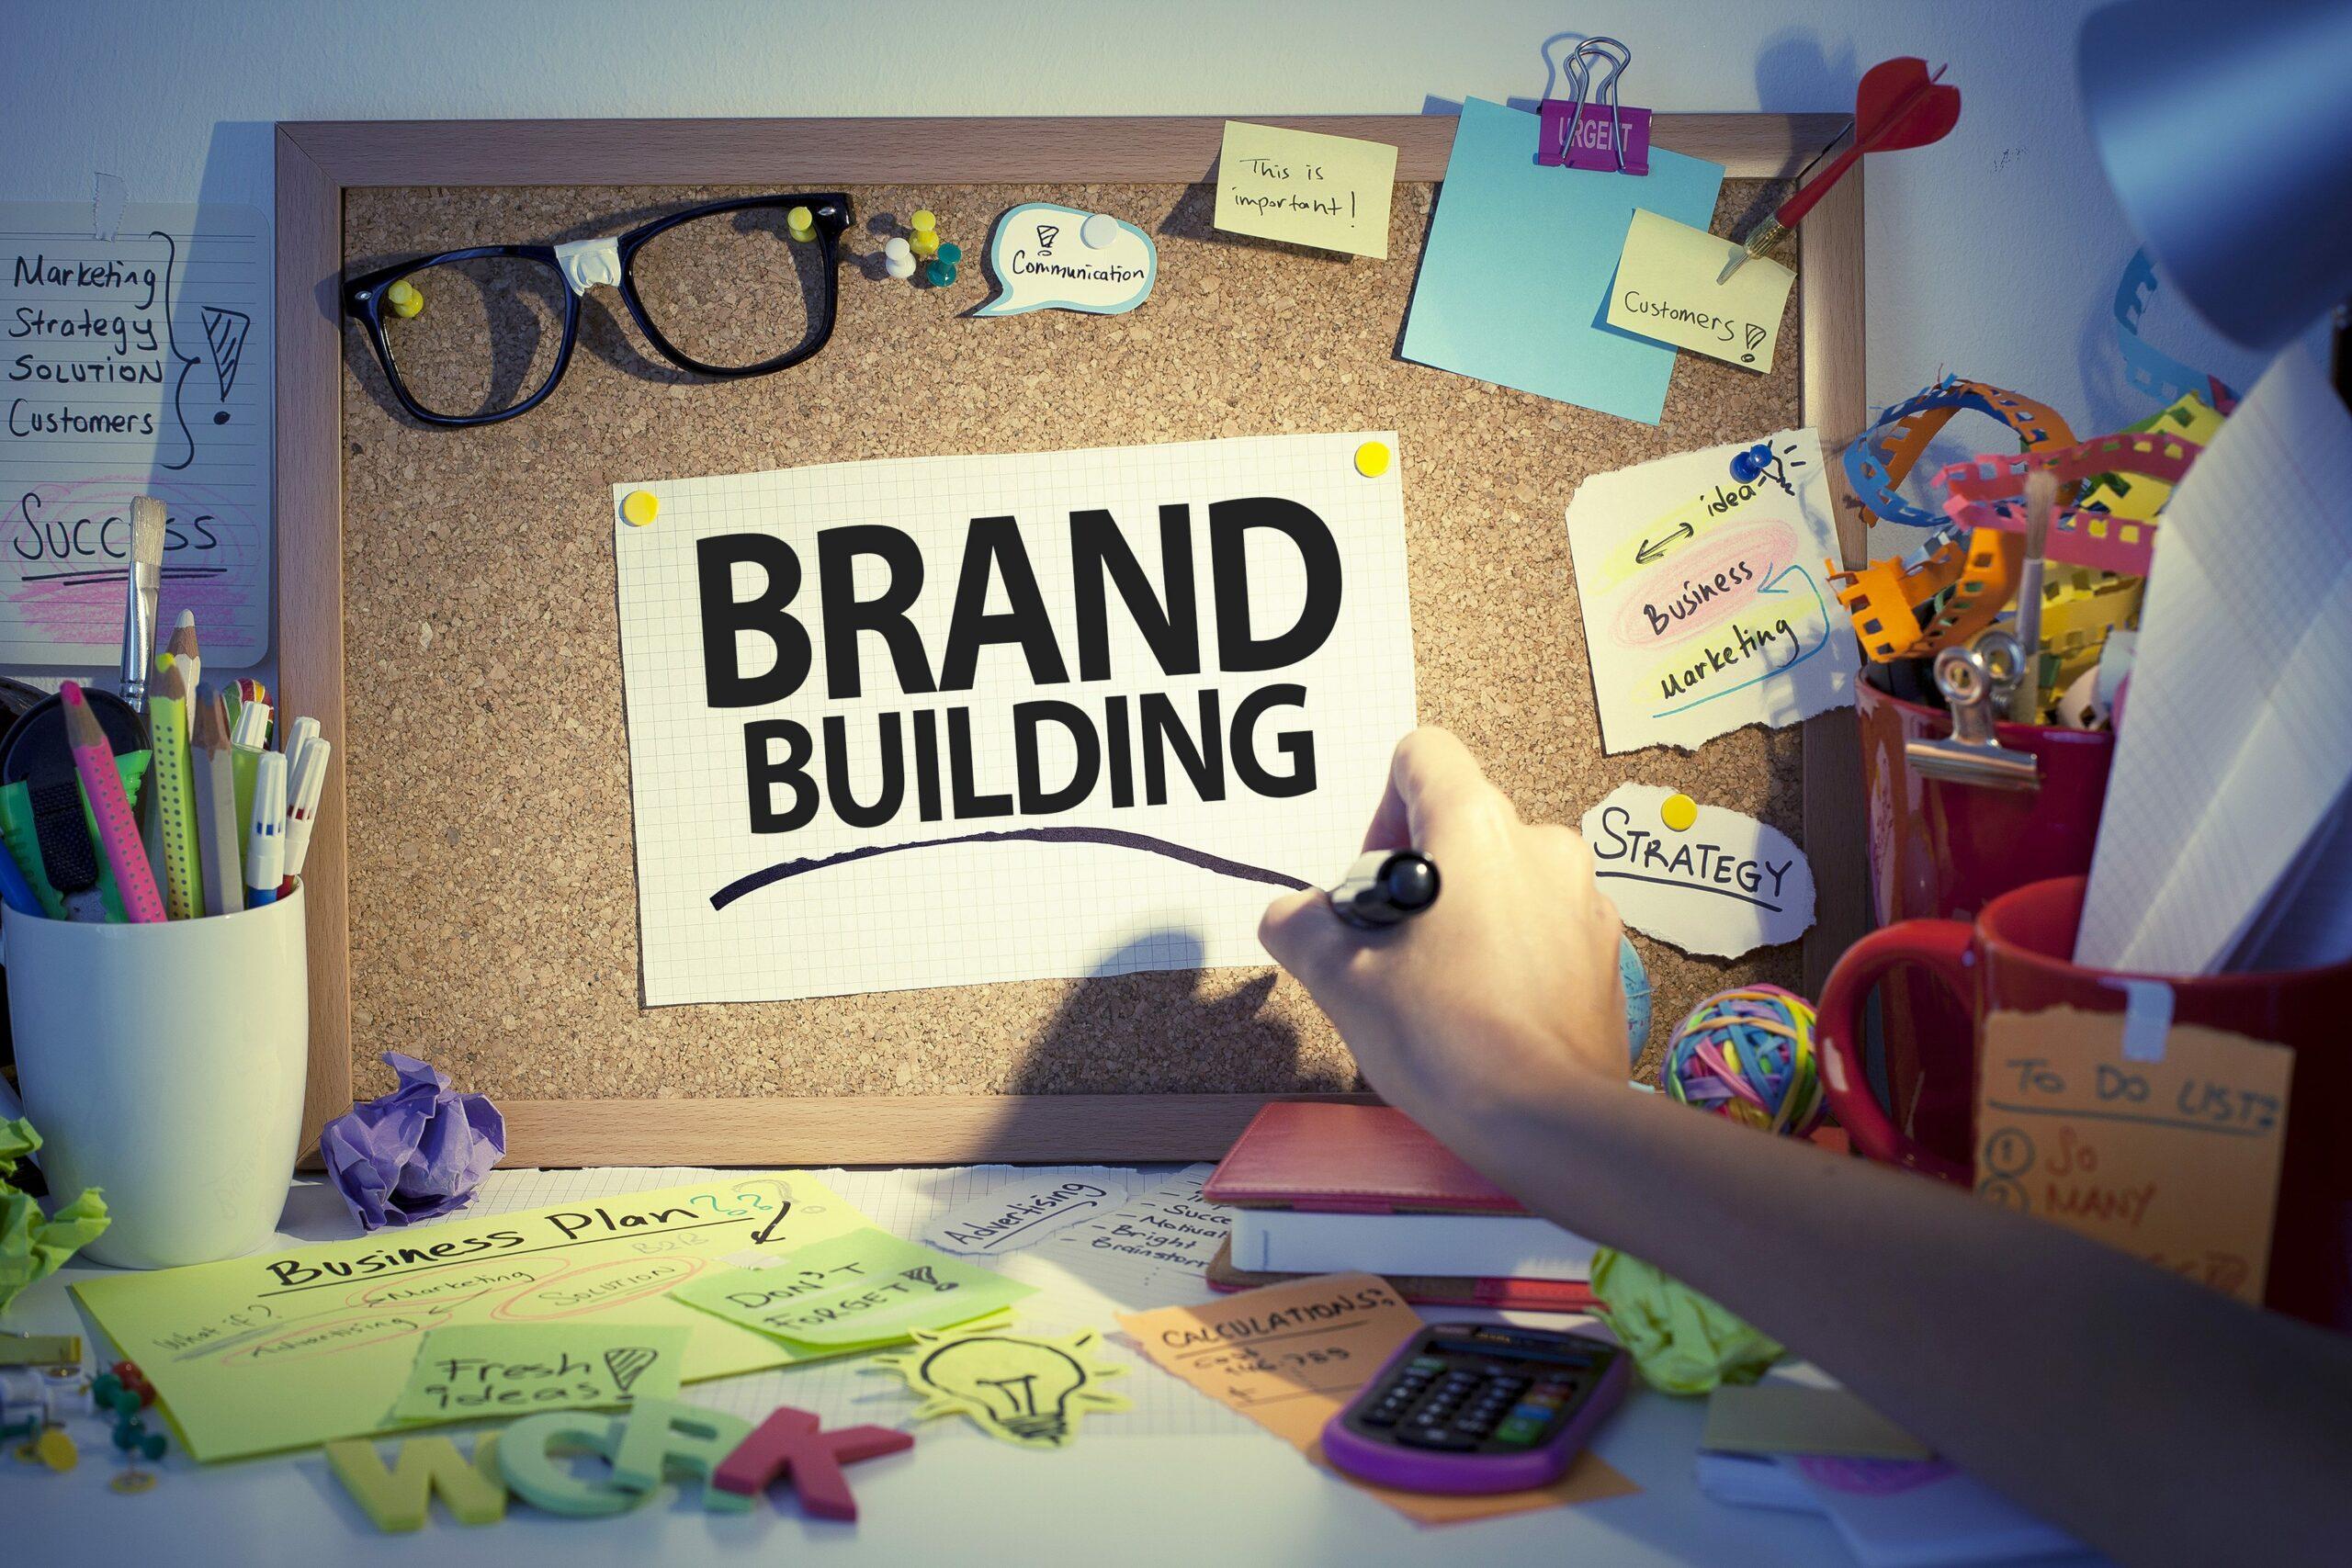 Een merkenportfolio zonder eigen merken: zo blijf je bij in de markt